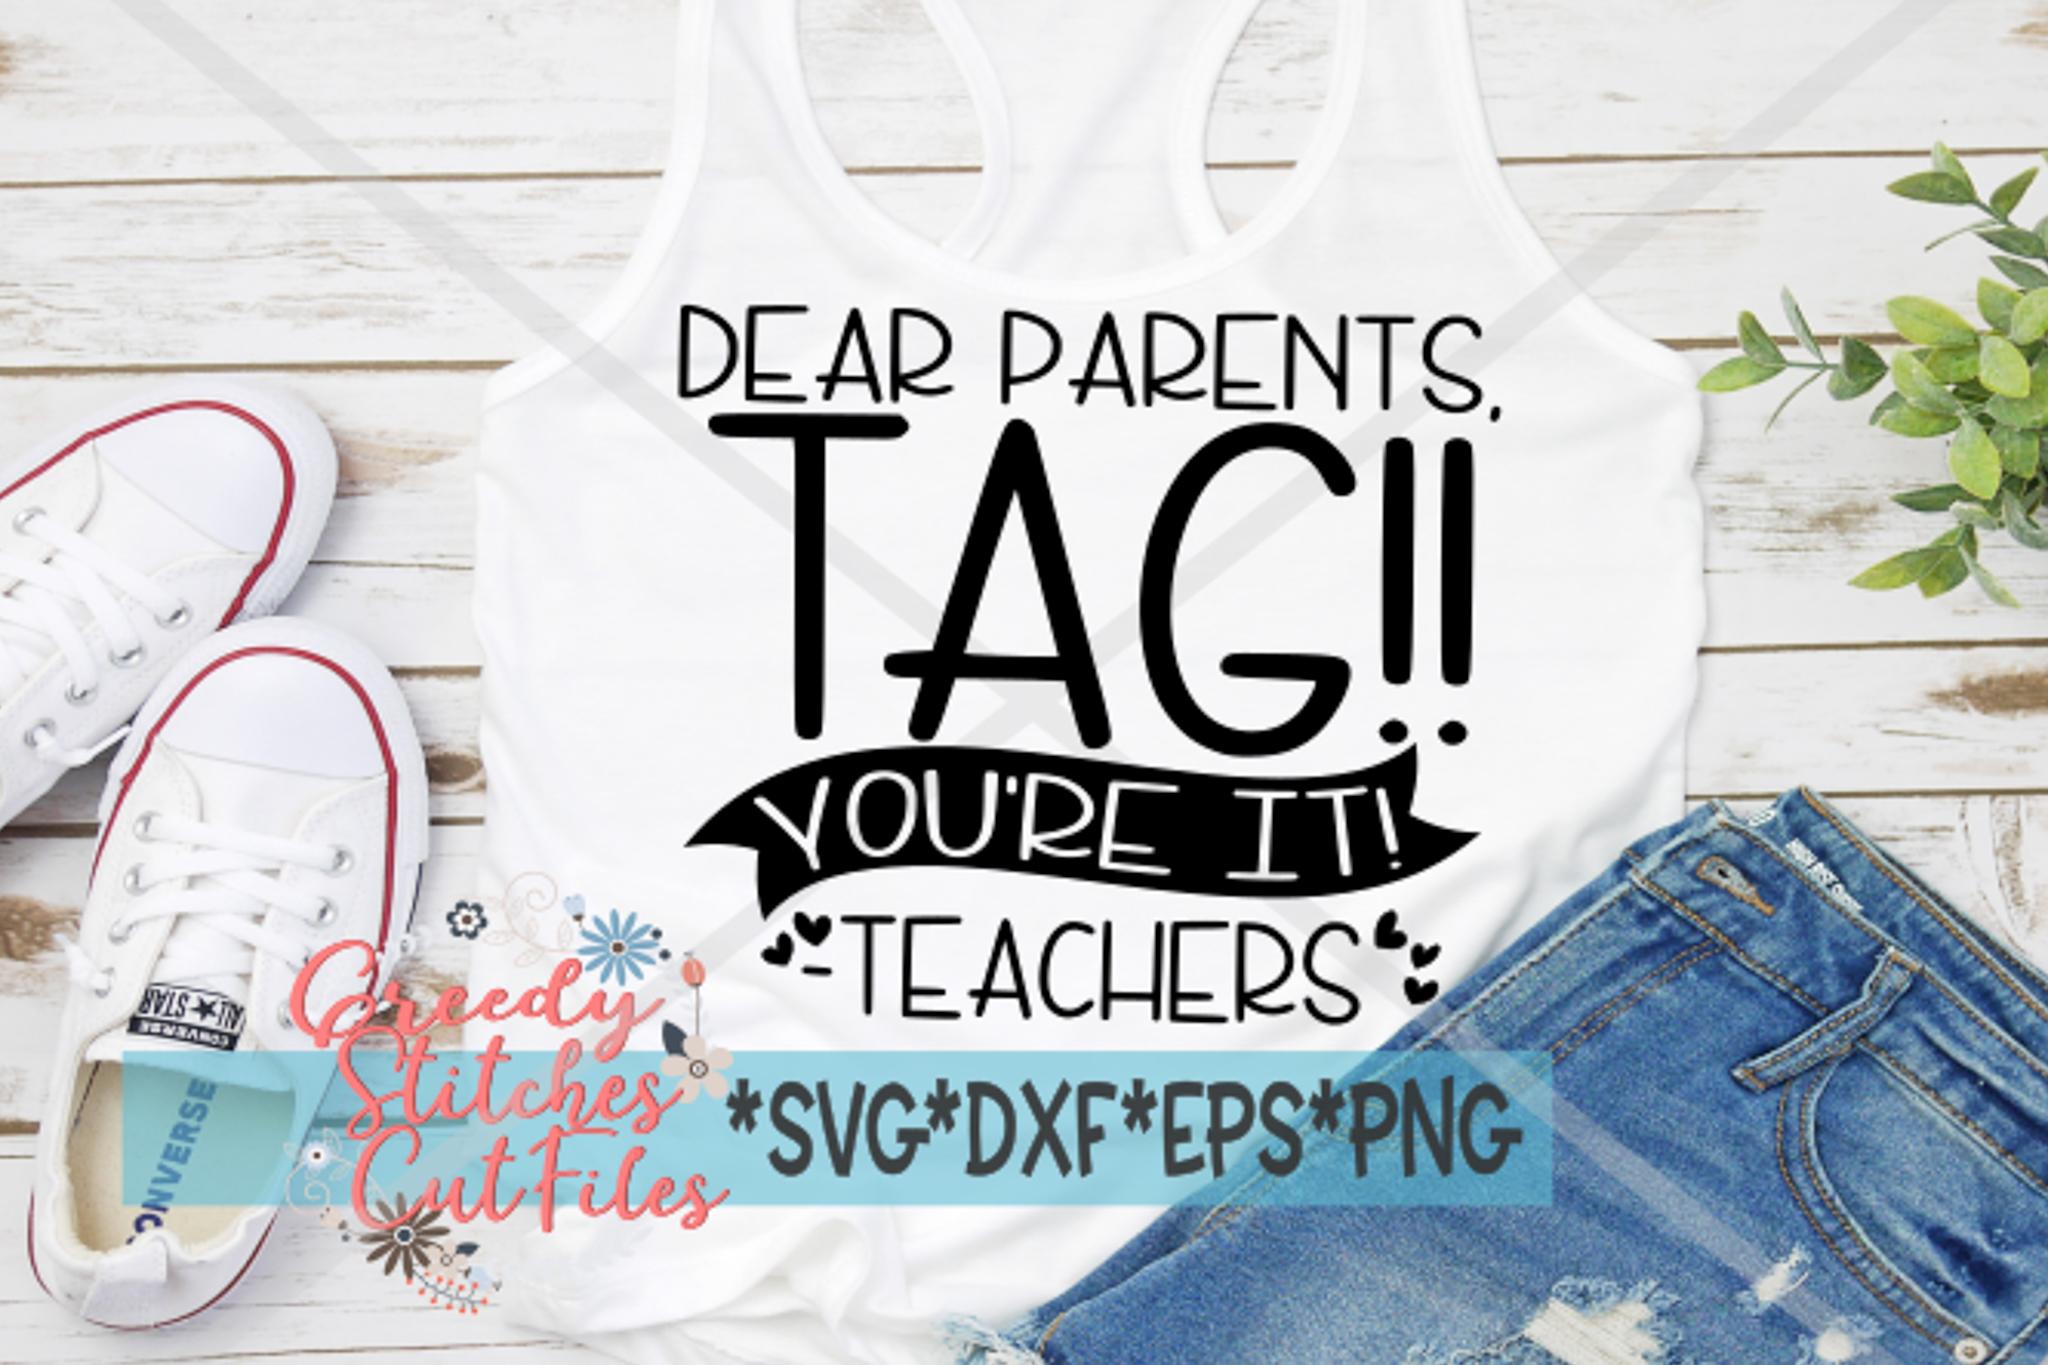 Teacher SVG | Dear Parents, Tag!! You're It! -Teacher SVG example image 4